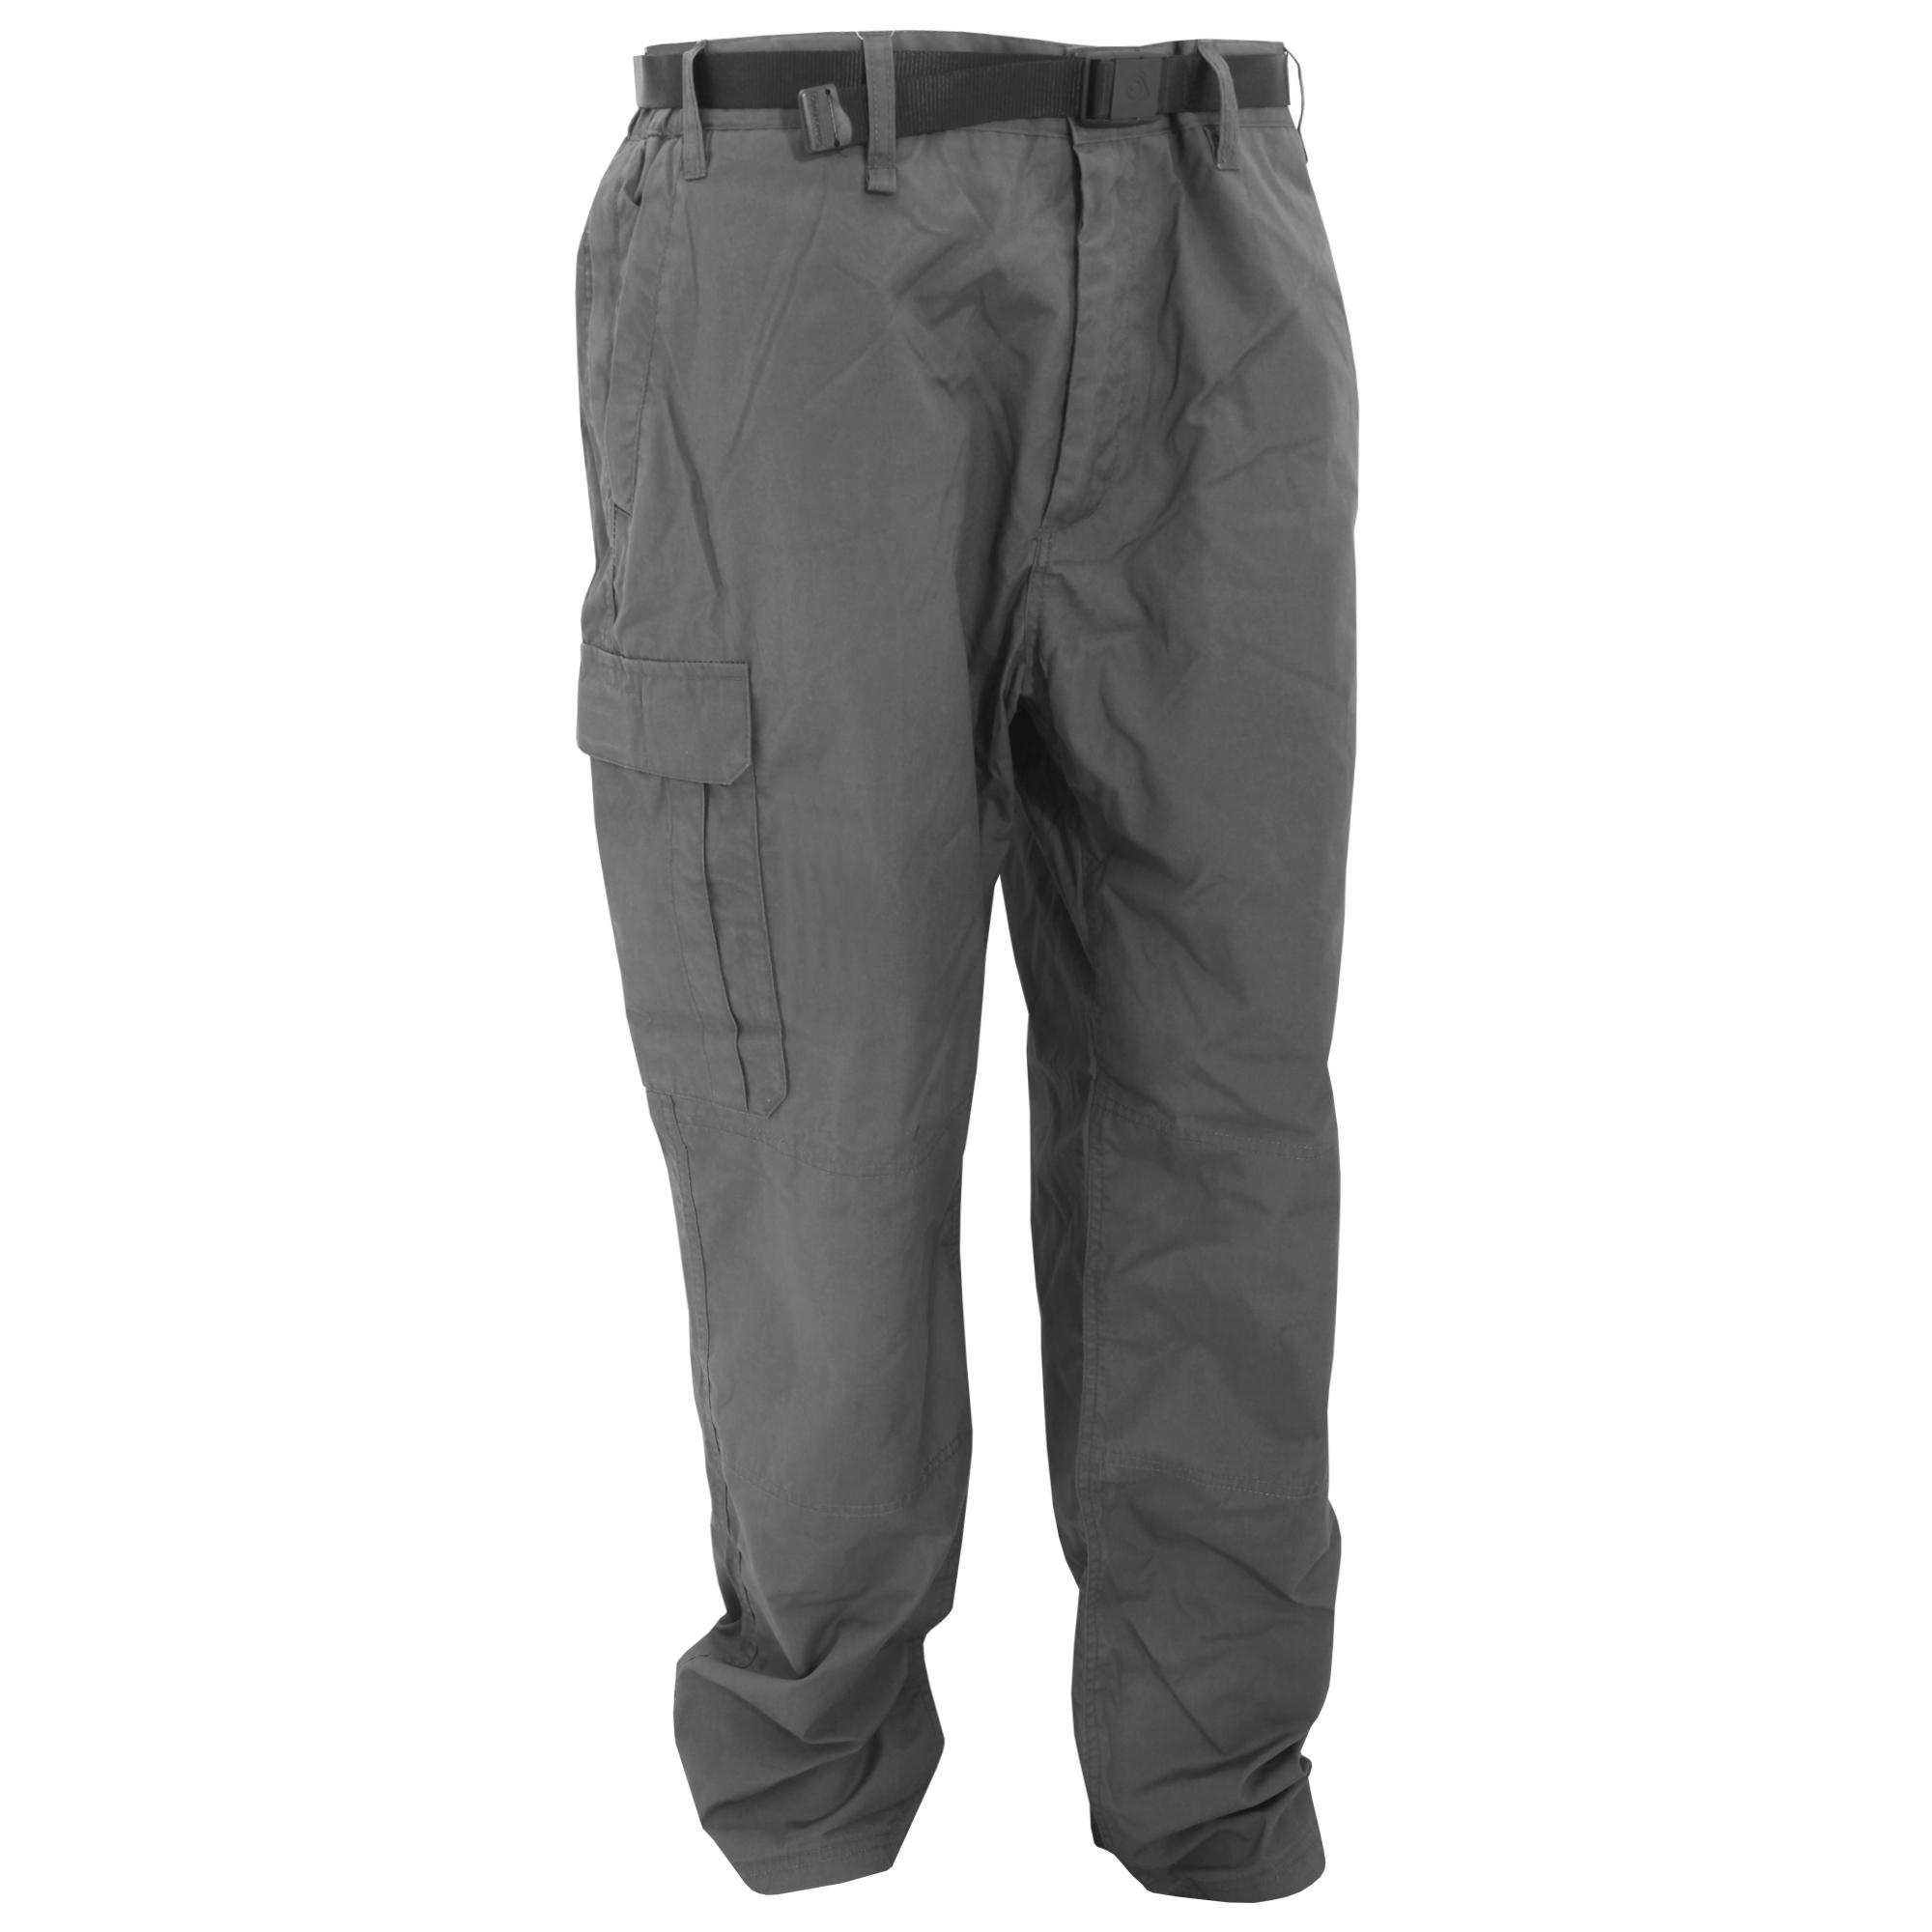 À L'eau Kiwi Craghoppers Pantalon Homme rw331 Résistant q1R8nTwx7